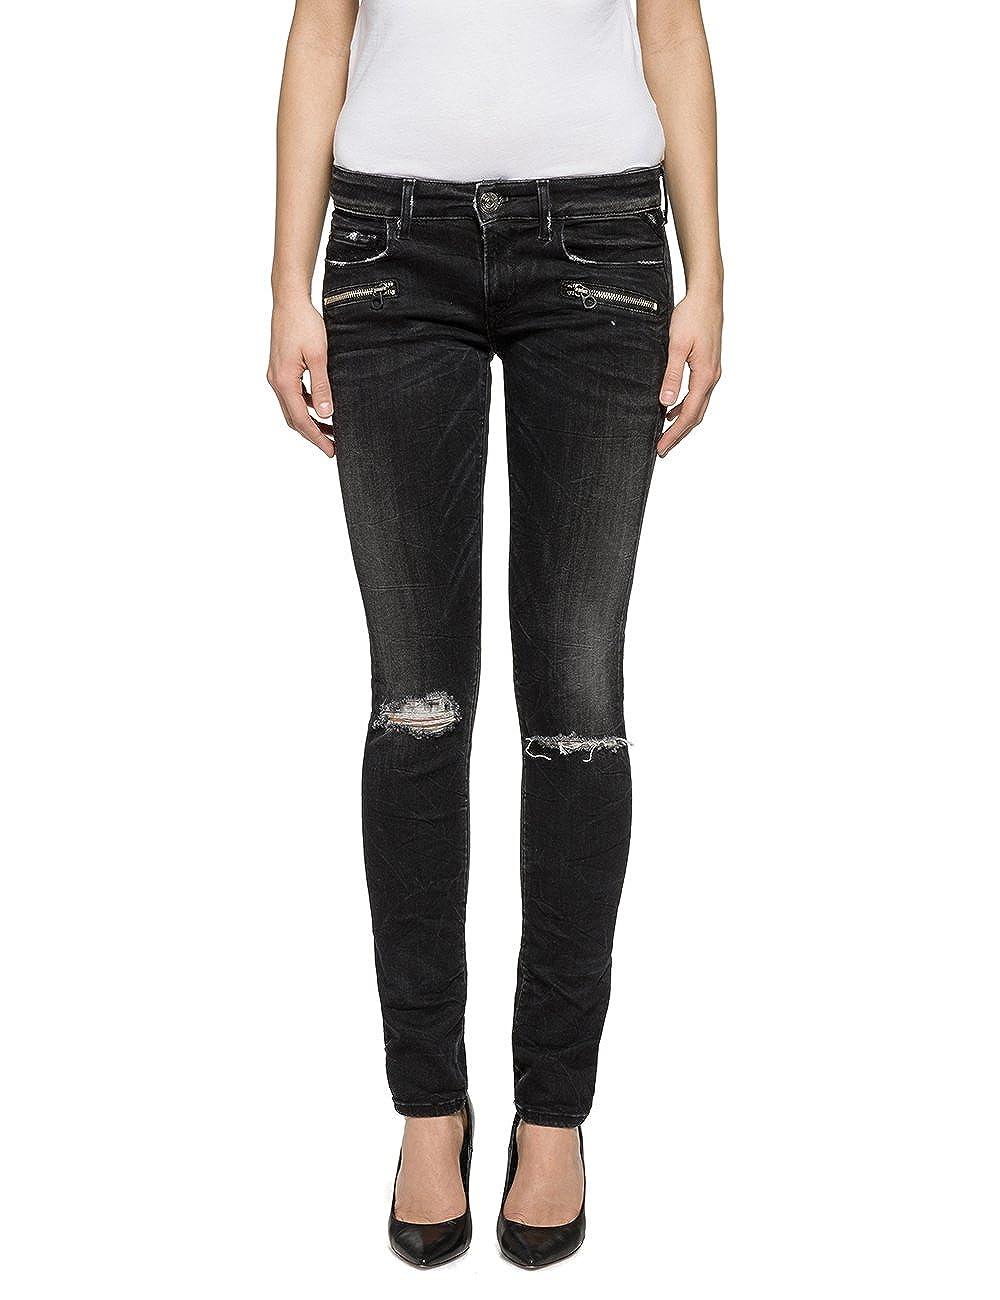 TALLA 26W / 32L. REPLAY Brigidot Jeans para Mujer